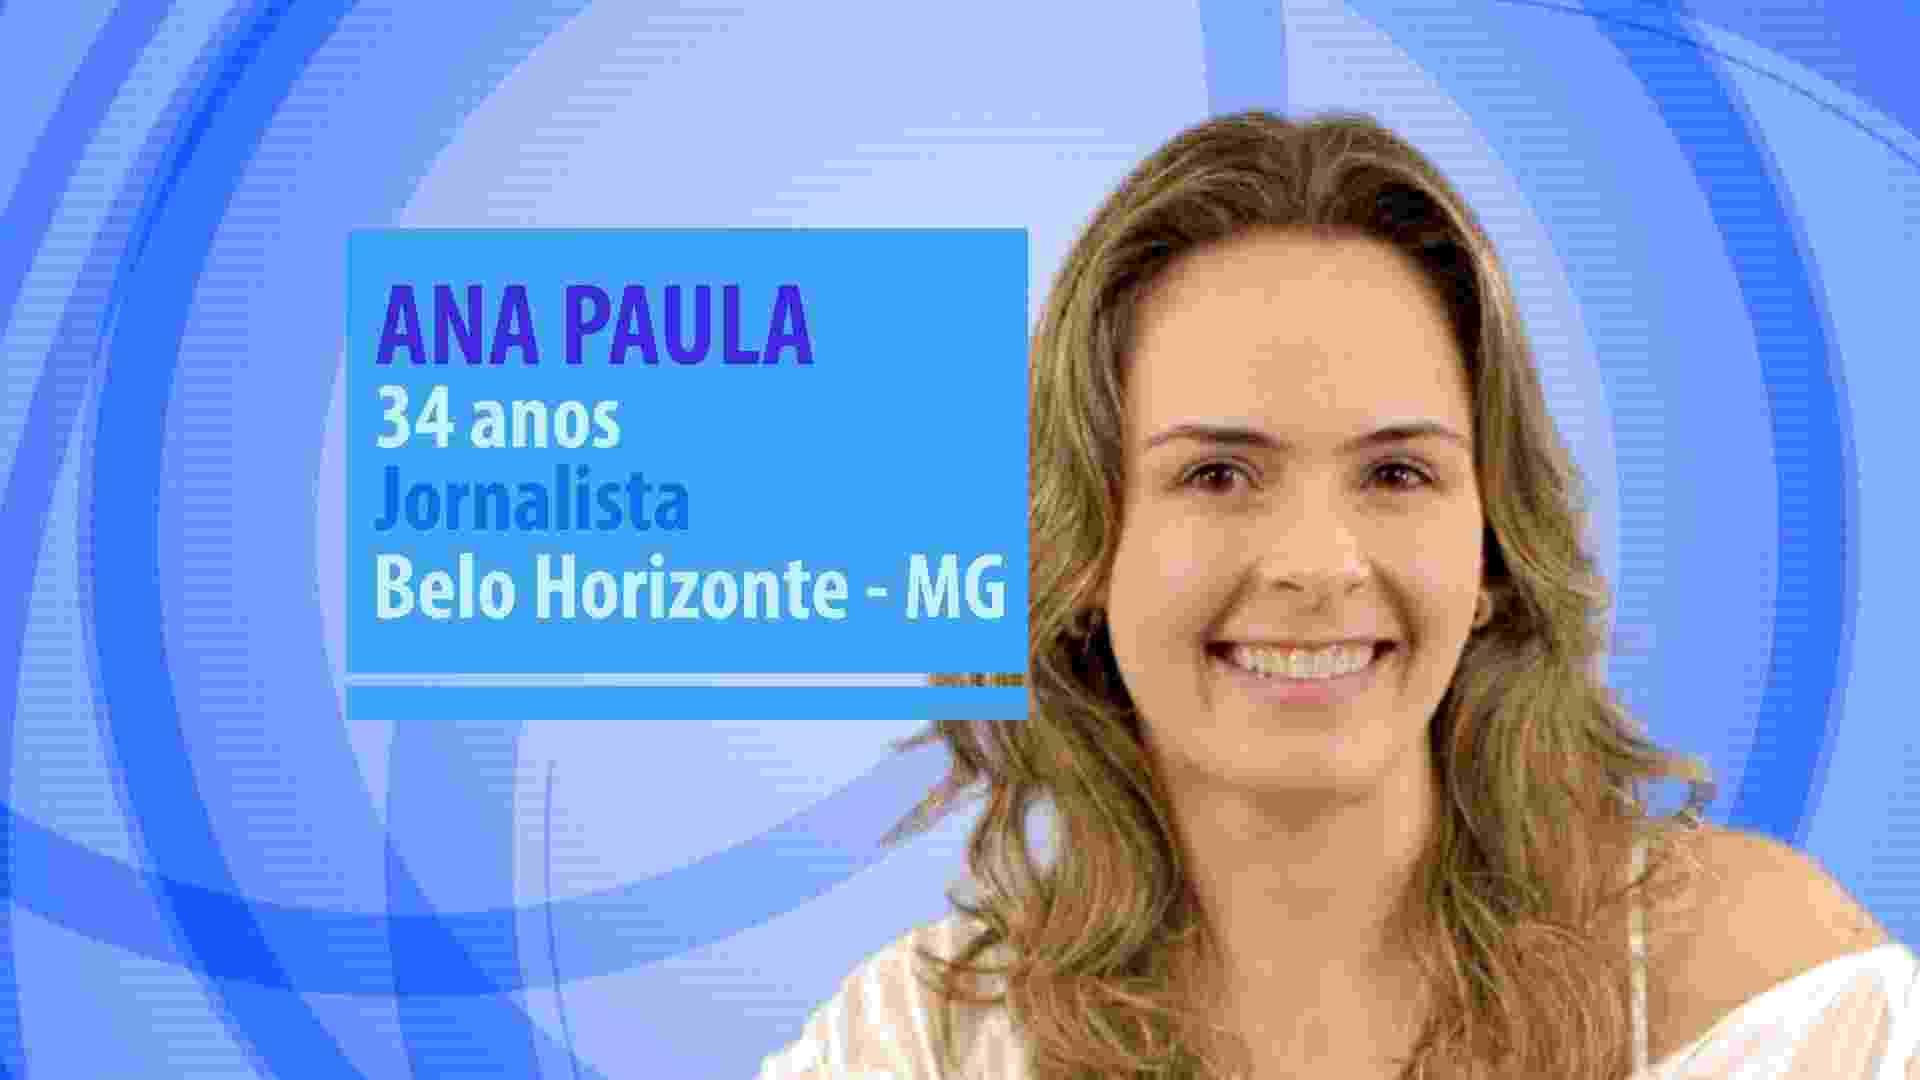 """Ana Paula, participante do """"BBB16"""", tem 34 anos, é jornalista e mora em Belo Horizonte (MG) - Divulgação/TV Globo"""